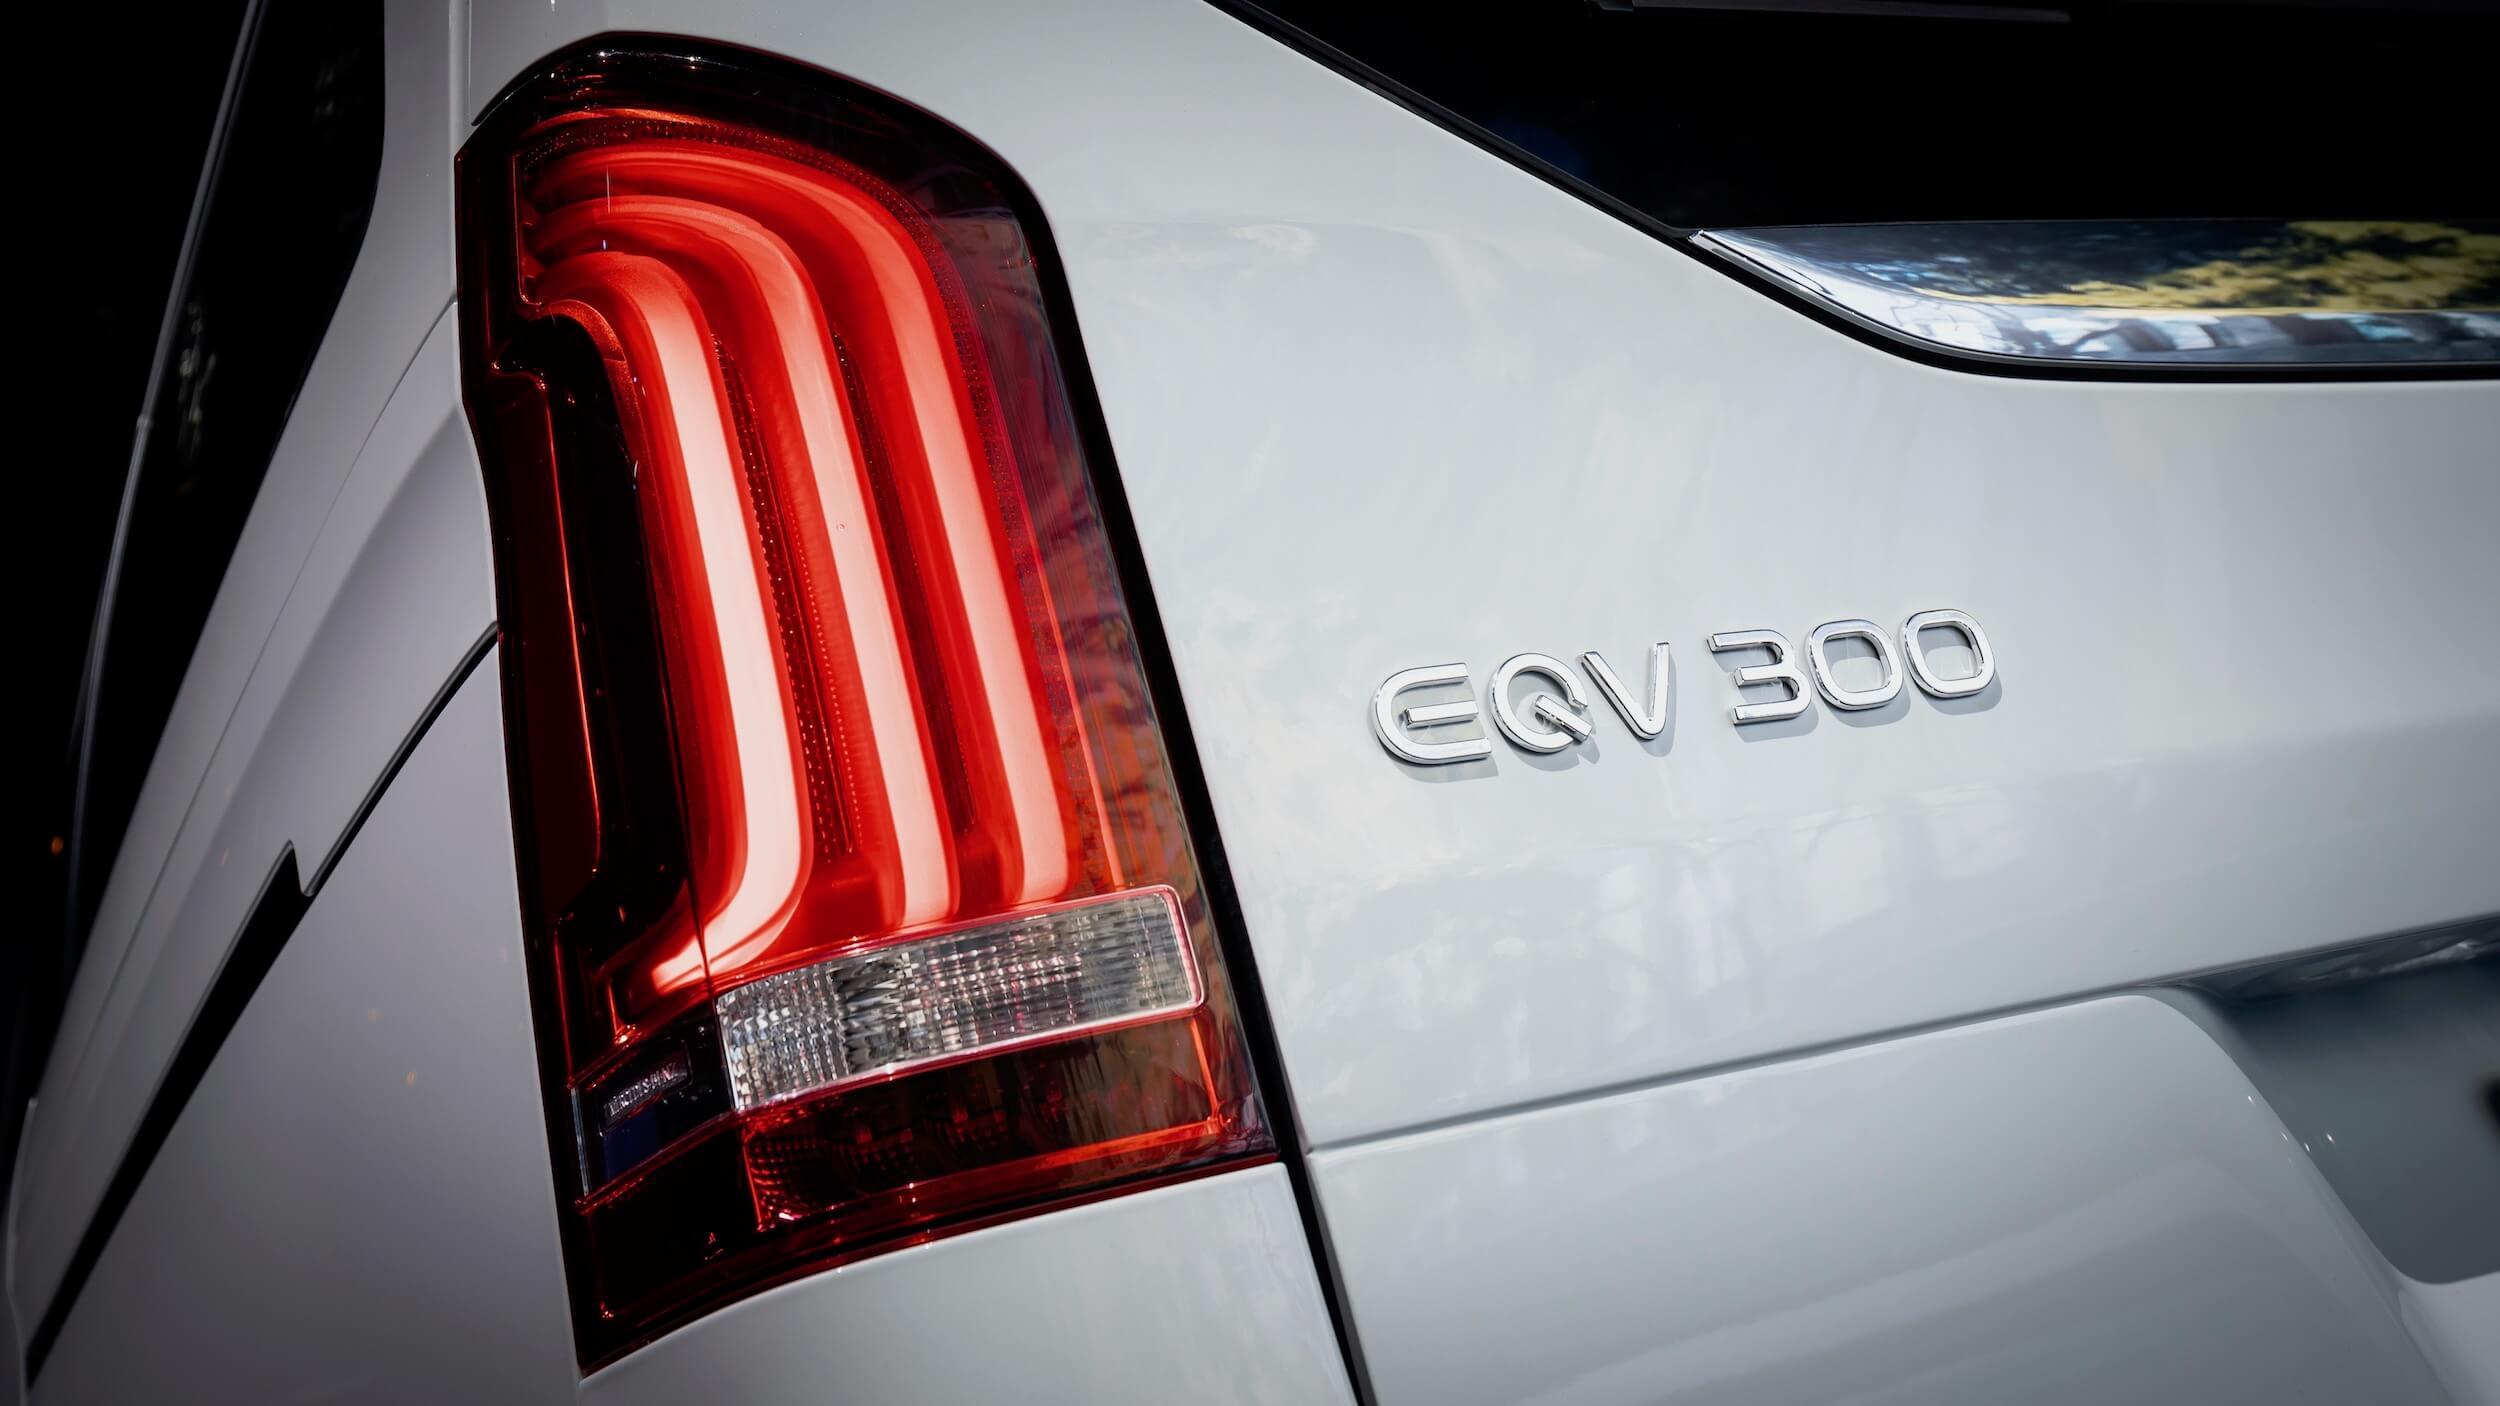 Mercedes EQV 300 badge